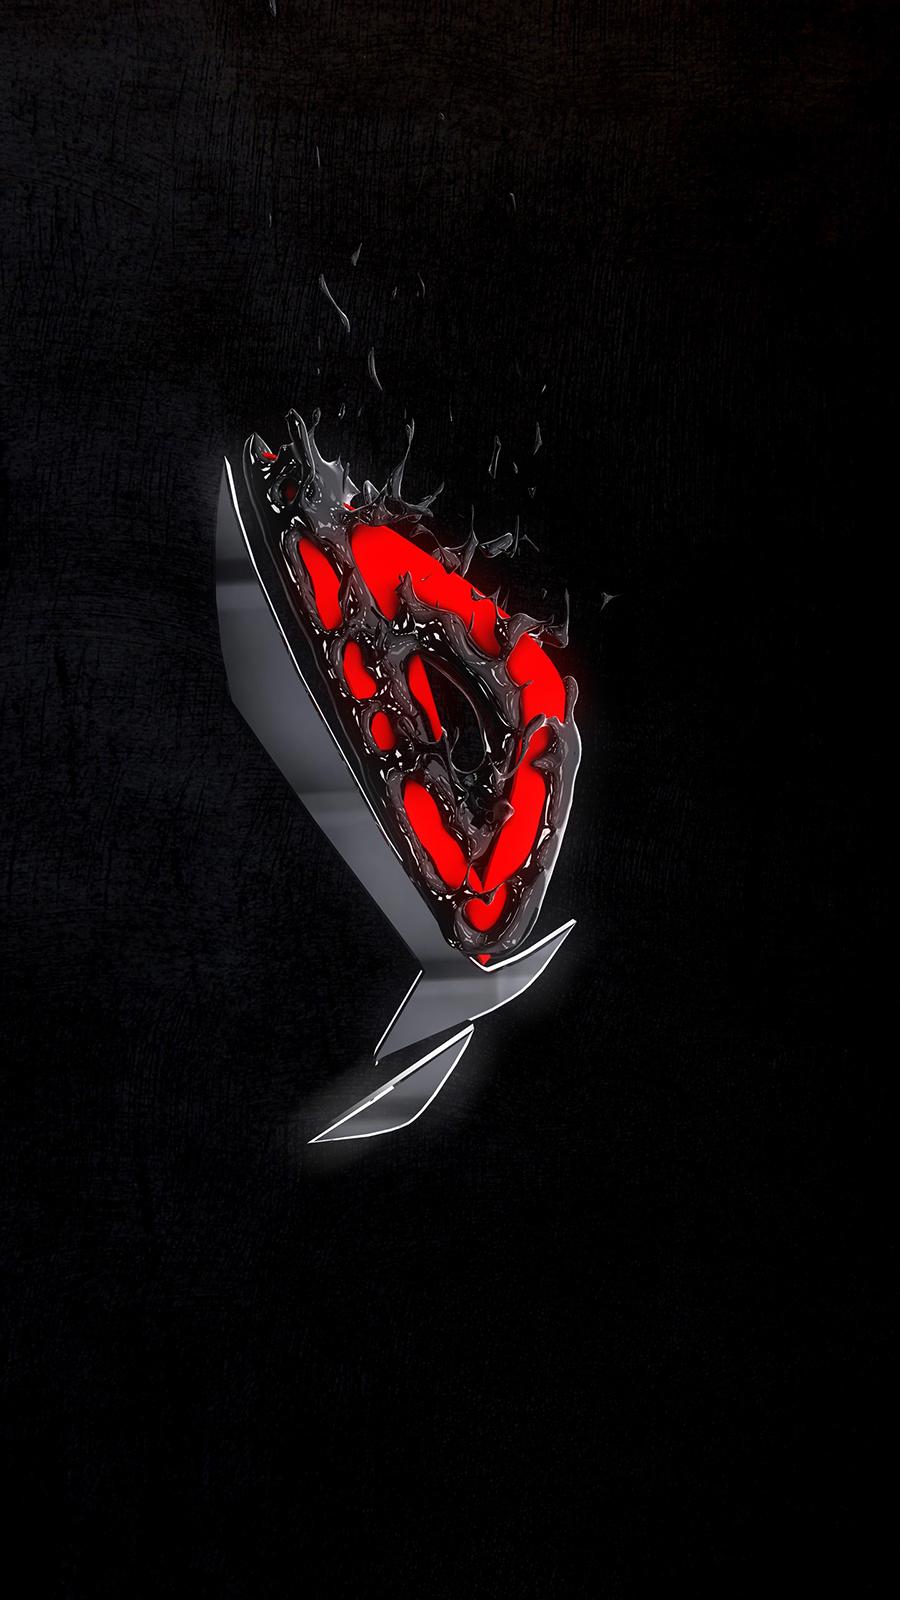 Asus Render Game Logo Full HD Wallpapers Download